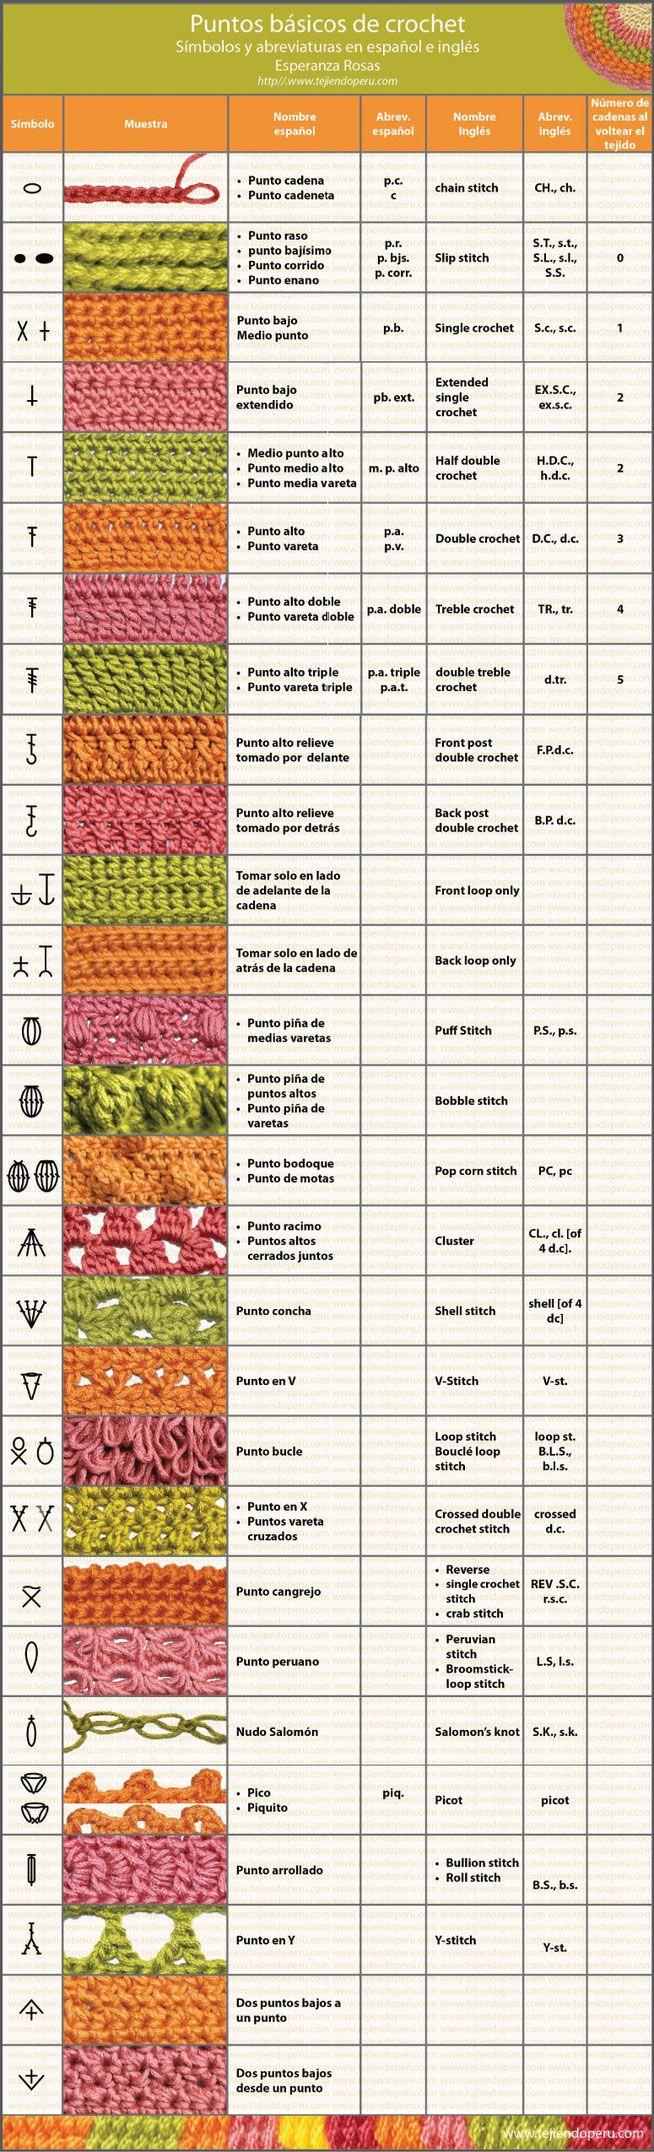 Cuadro de símbolos y abreviaturas de los puntos básicos para tejer a crochet, en español e ingles.